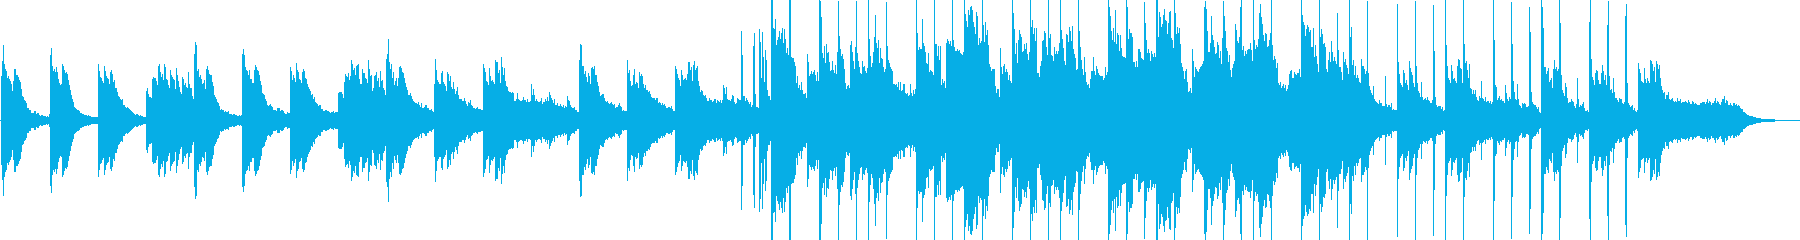 優雅なヒーリングミュージックの再生済みの波形